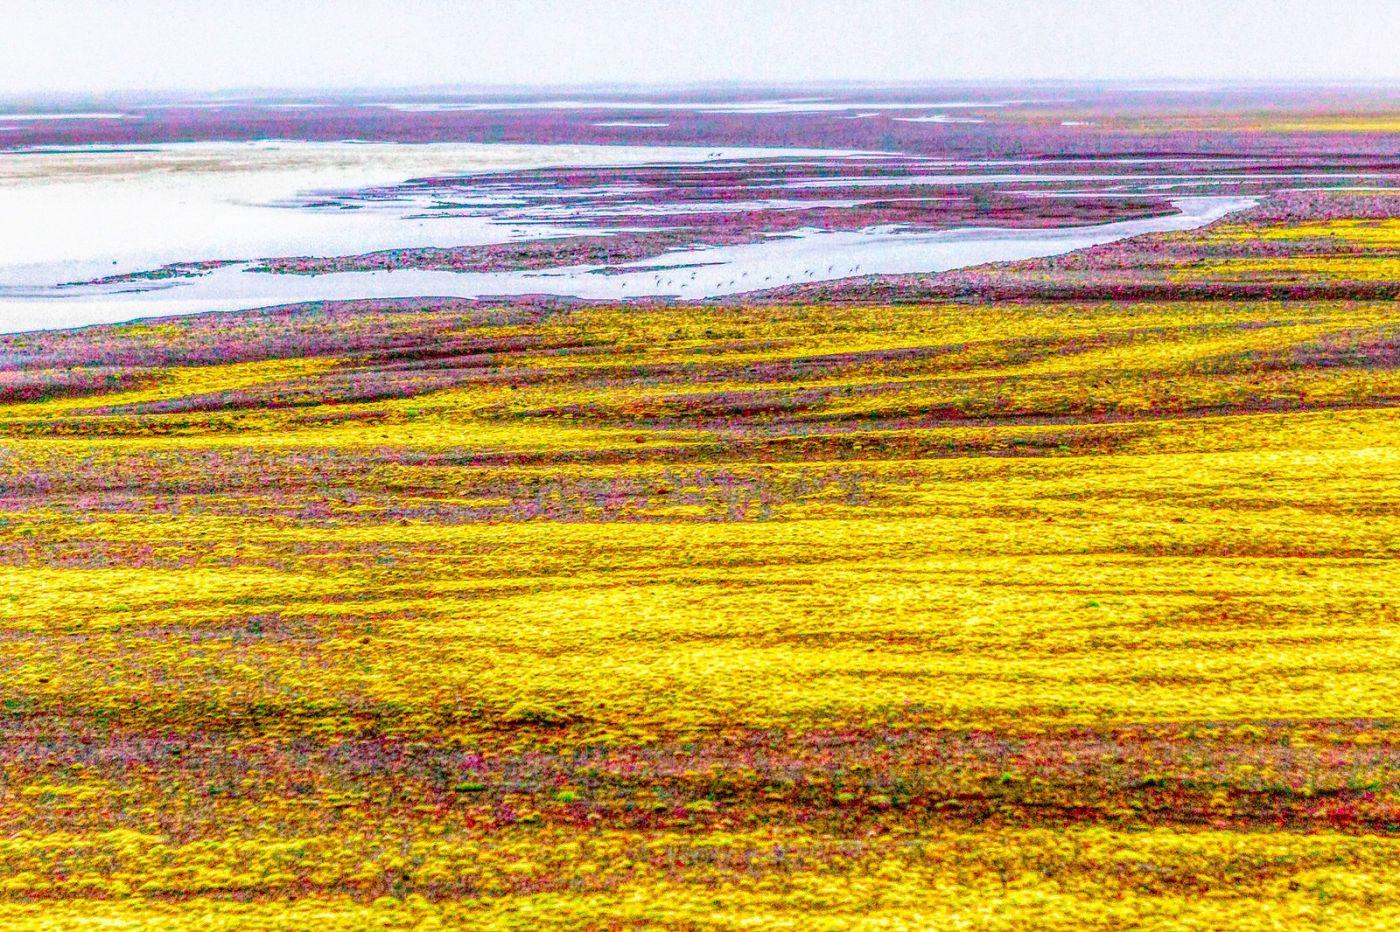 冰岛风采,延伸视野_图1-33